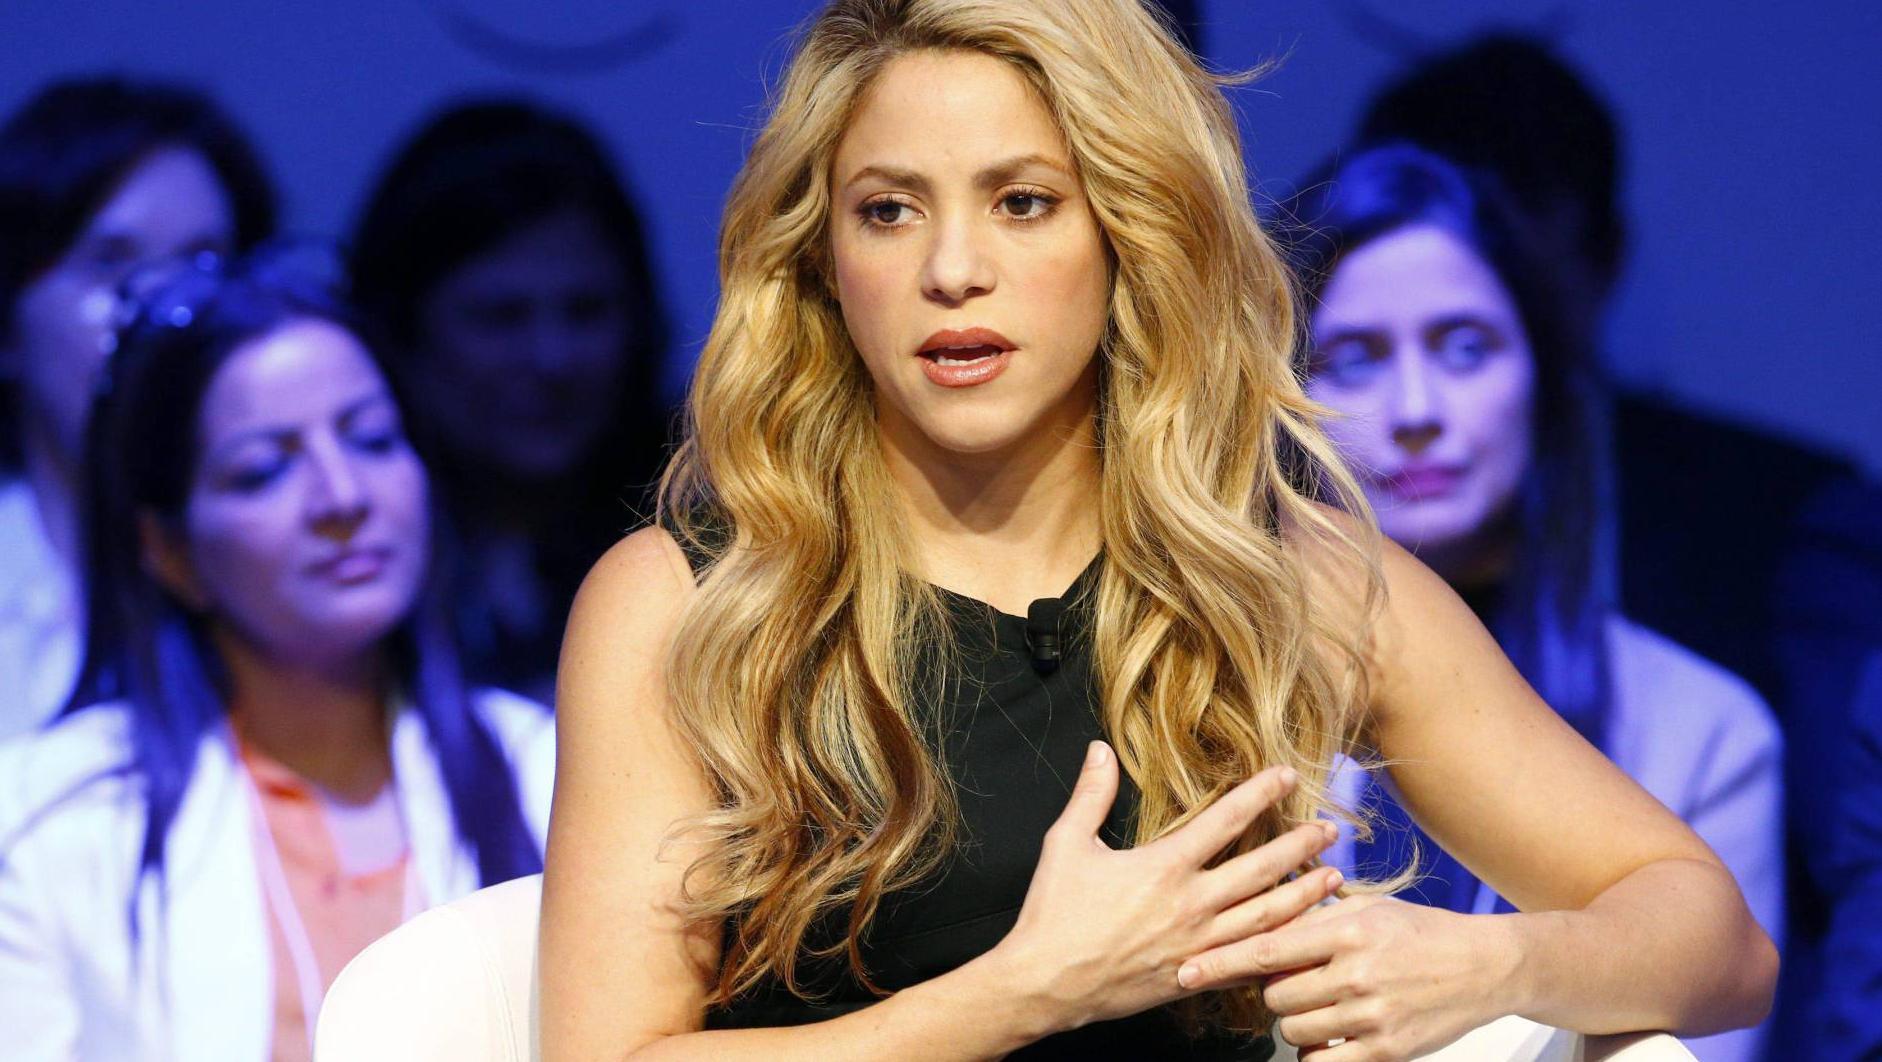 La cantante colombiana pospuso su gira hasta el año que viene